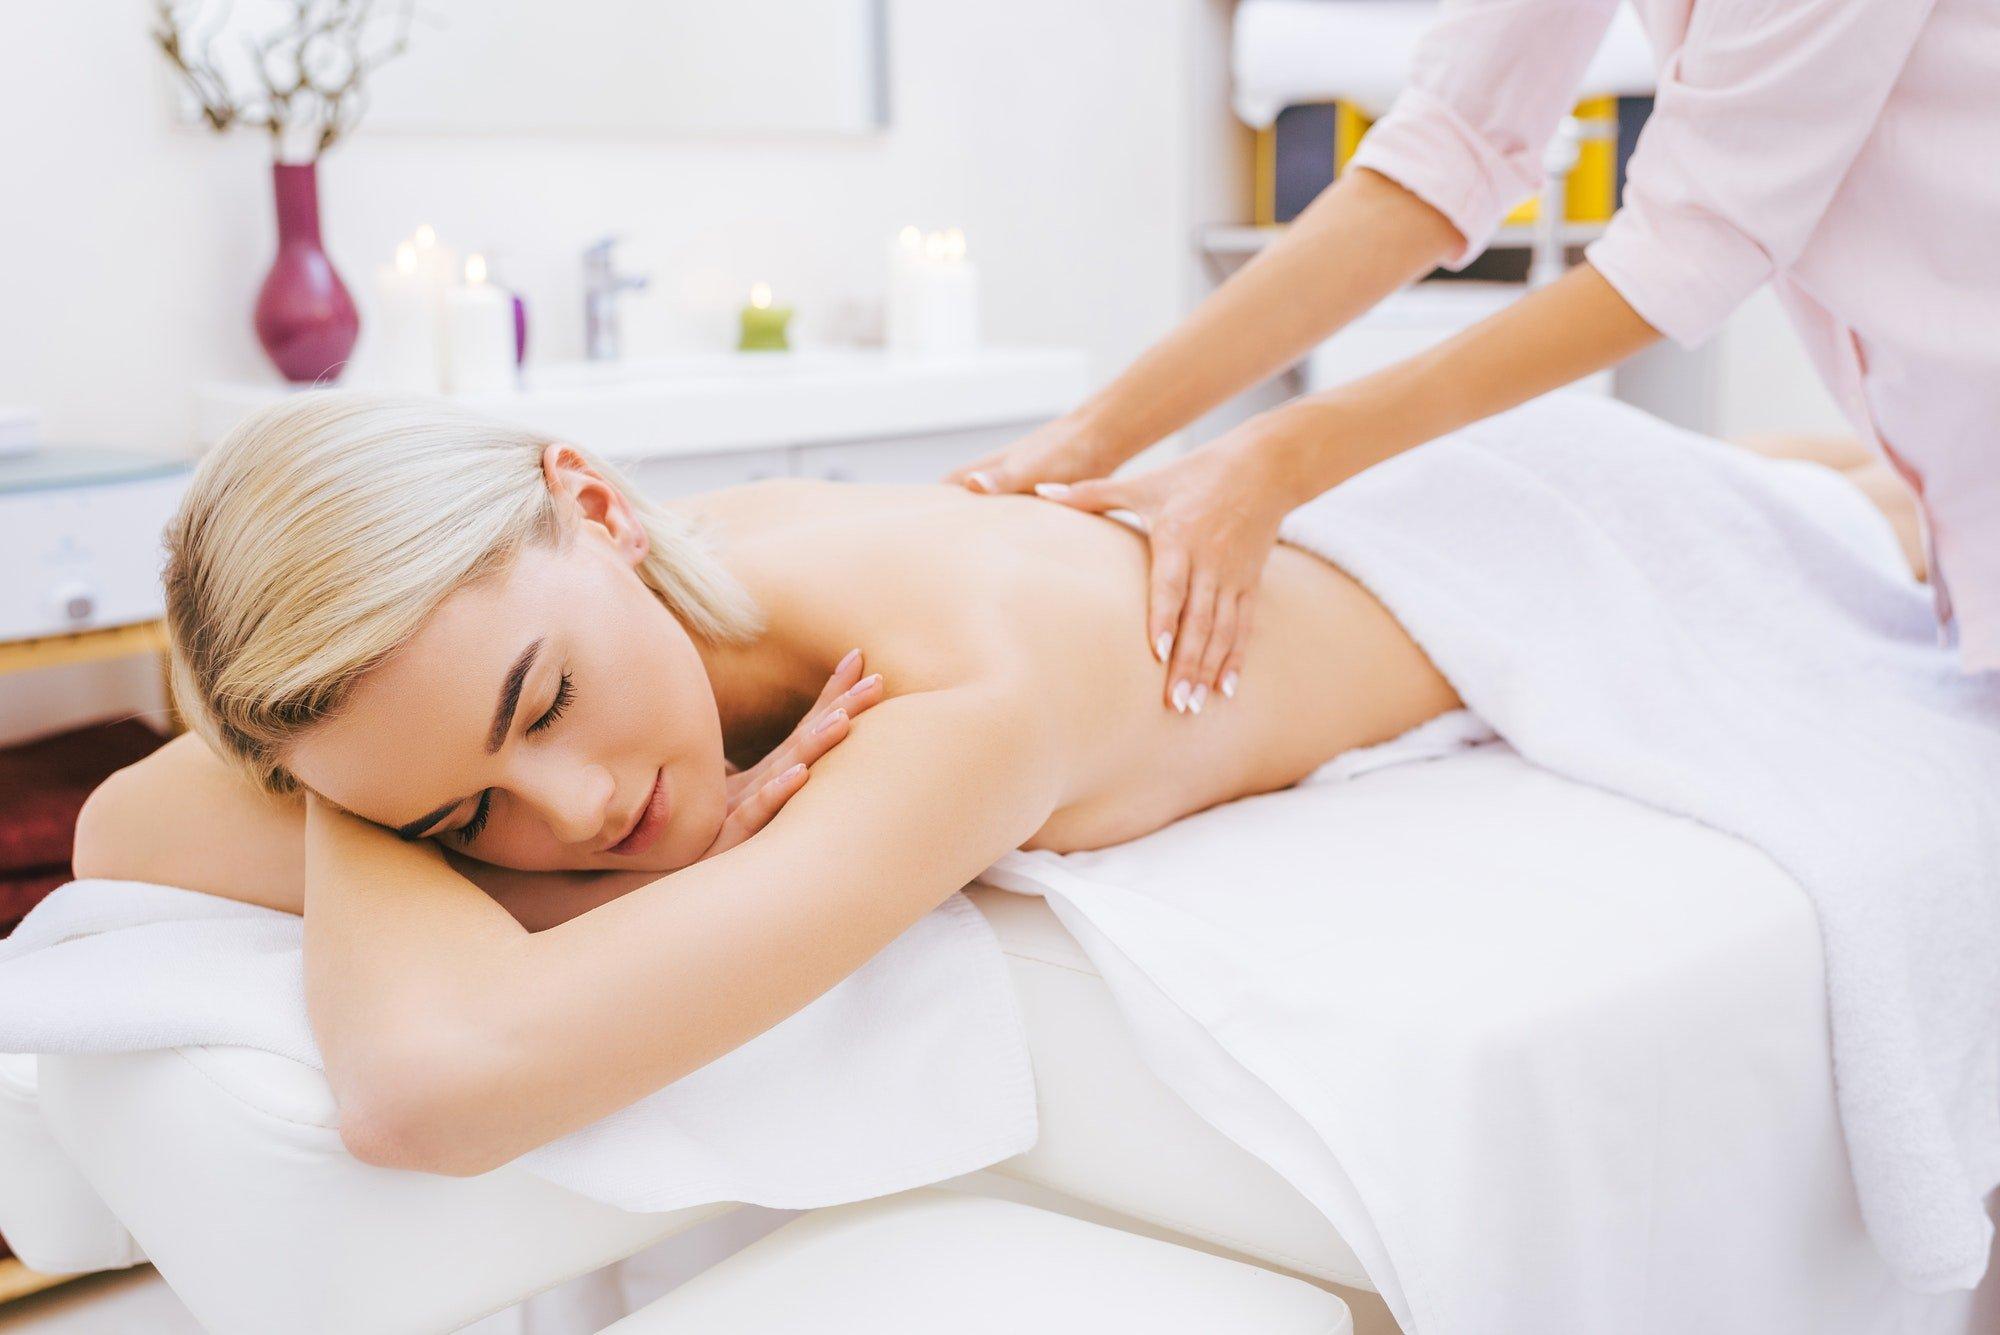 beautiful young woman getting back massage at spa salon